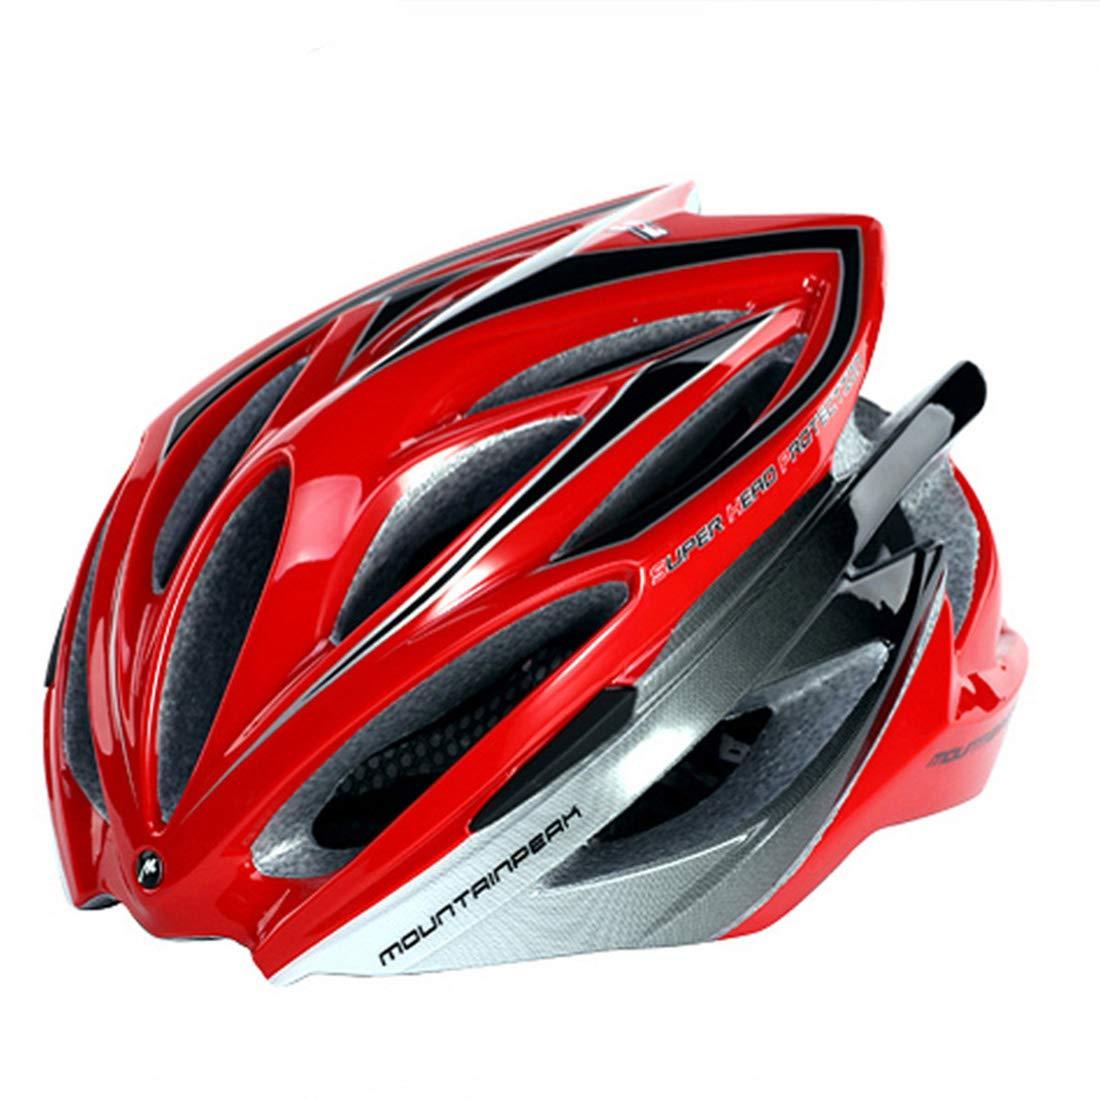 Nekovan 屋外サイクリング愛好家に適した自転車乗りヘルメット自転車安全ヘルメット大人の自転車ヘルメット (Color : レッド)  レッド B07QGR8JH4